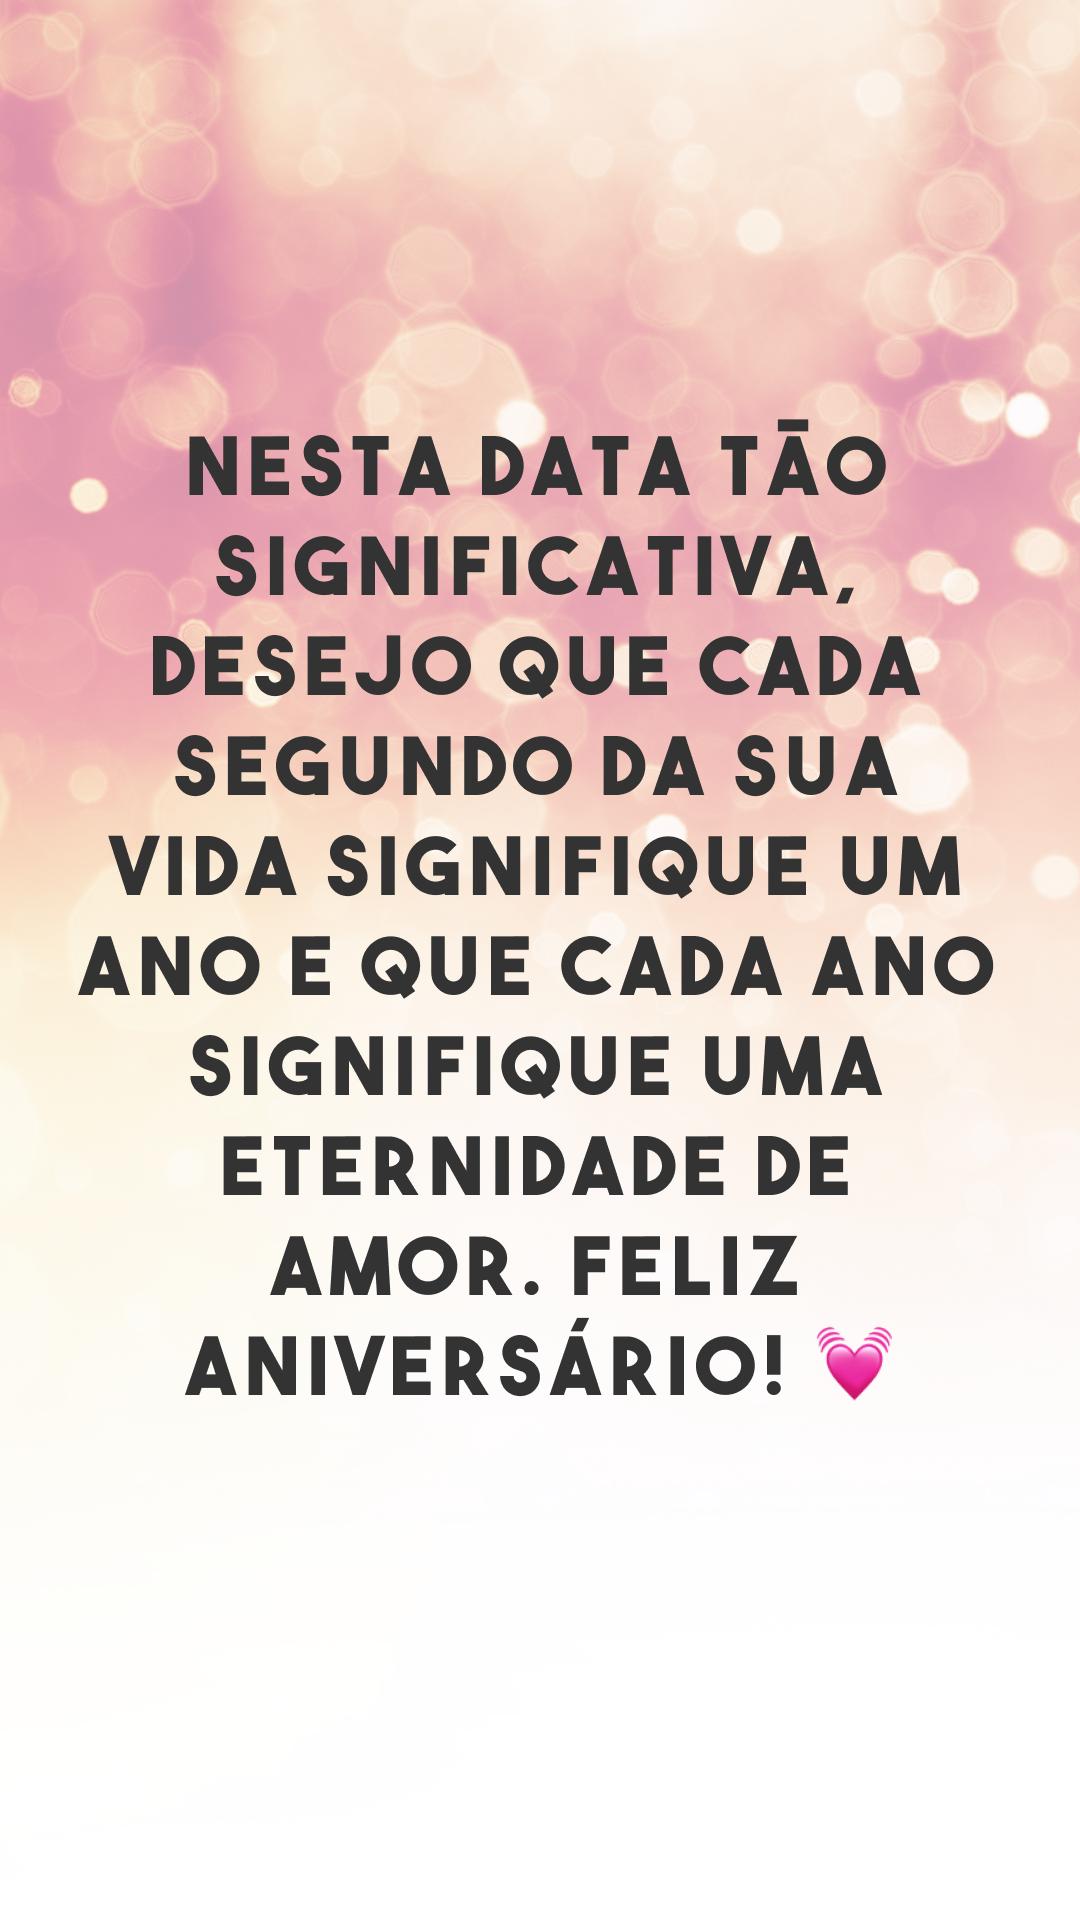 Nesta data tão significativa, desejo que cada segundo da sua vida signifique um ano e que cada ano signifique uma eternidade de amor. Feliz aniversário! 💓